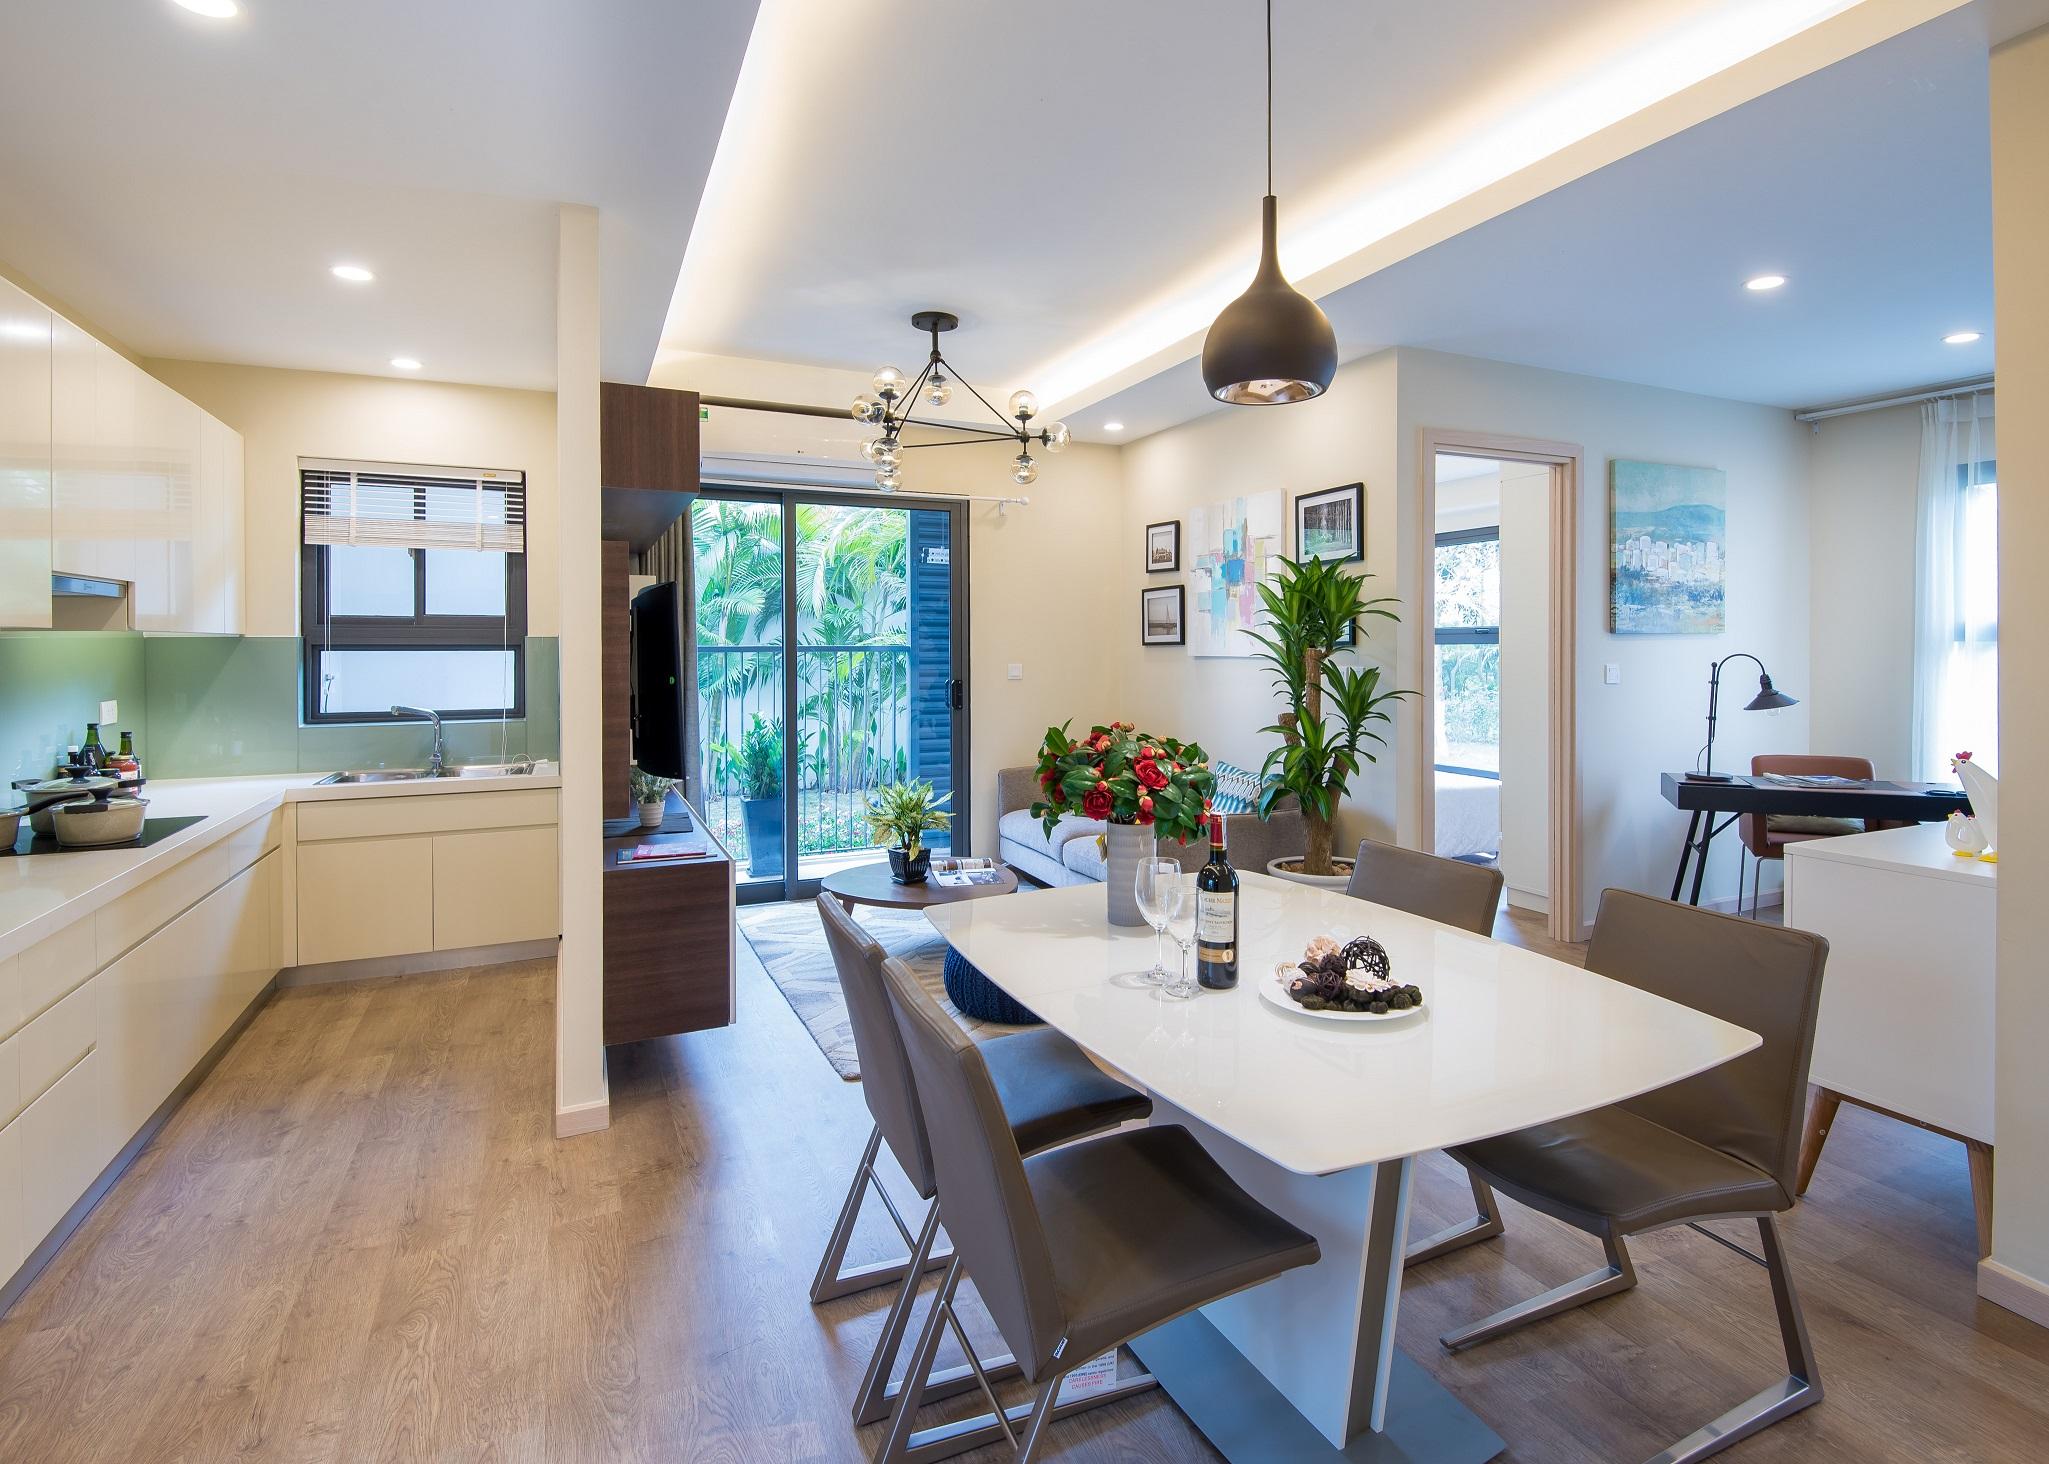 Bí quyết sở hữu căn hộ giá rẻ tại Đà Nẵng